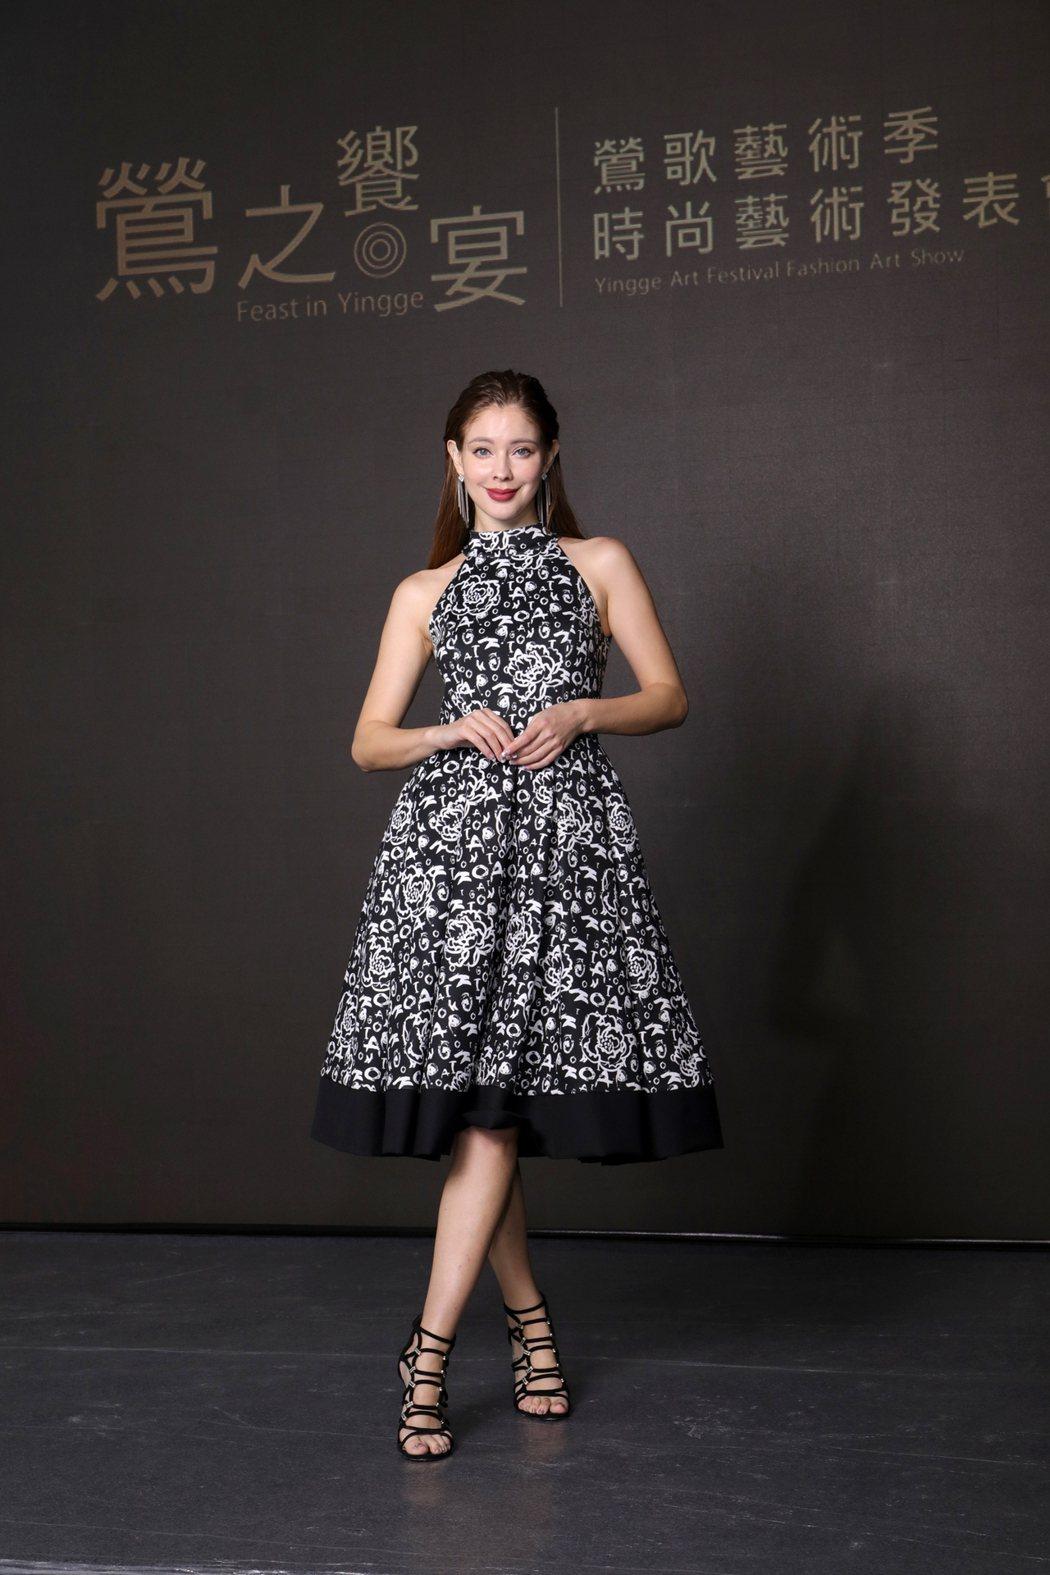 安妮穿著潘怡良設計師服飾,出席鶯歌藝術季 「鶯之饗宴」時尚藝術發表會看秀嘉賓。圖...